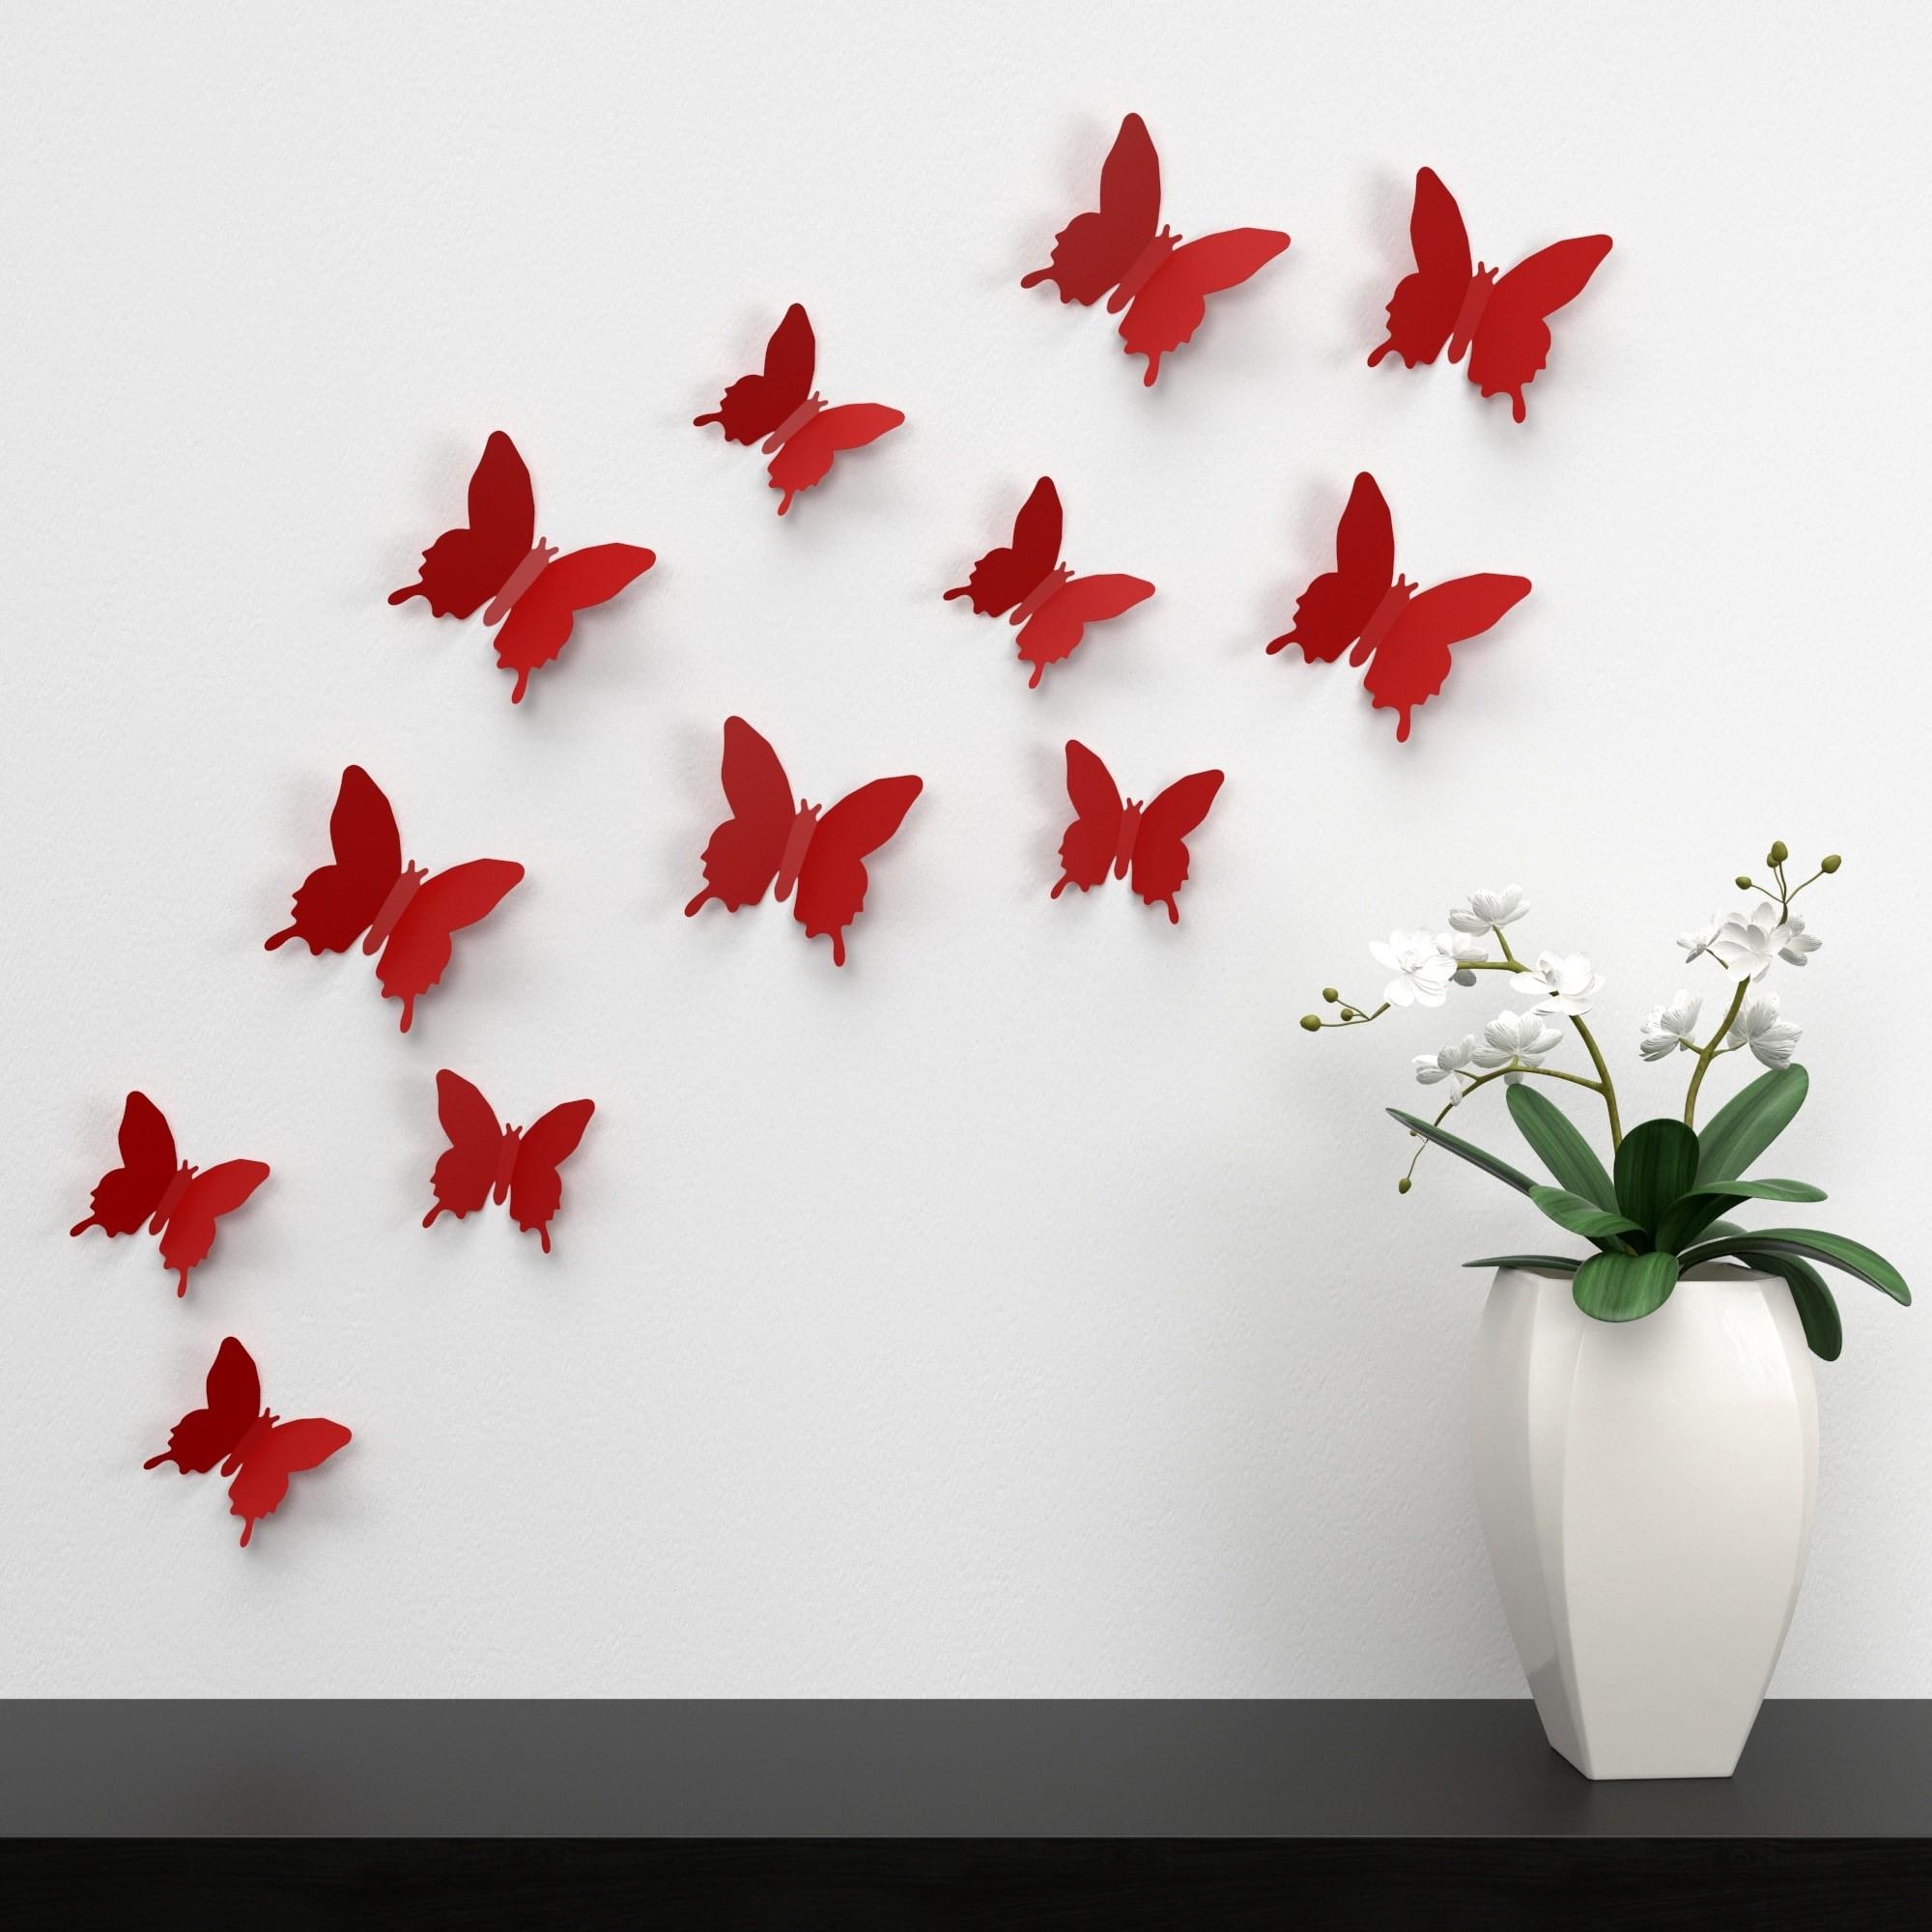 Res: 2000x2000, generate wallpaper. Download original image Online crop